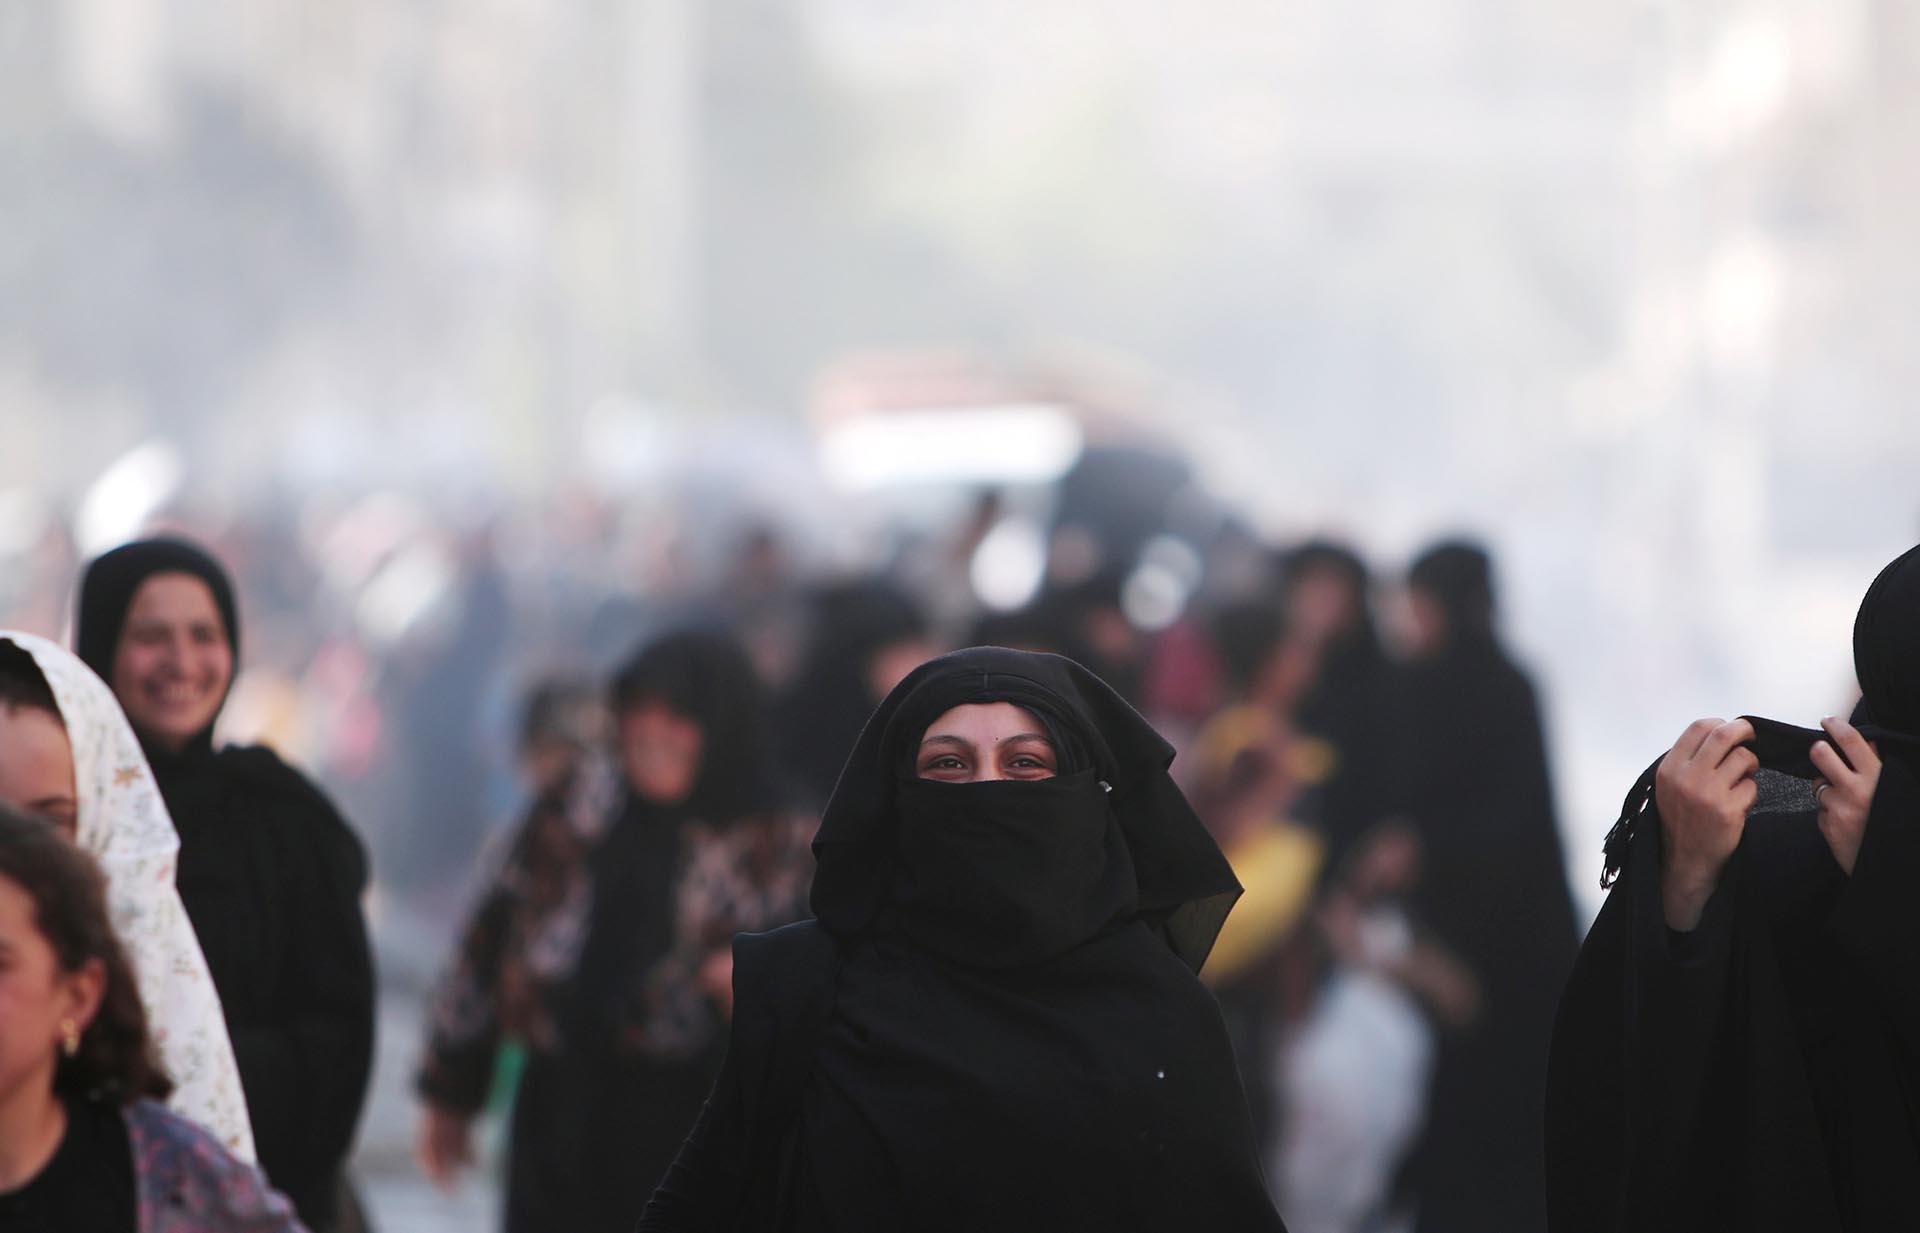 Las mujeres comienzan a descubrir sus rostros, repletos de felicidad. Ya no serán víctimas de la brutalidad de los terroristas islámicos (Reuters)